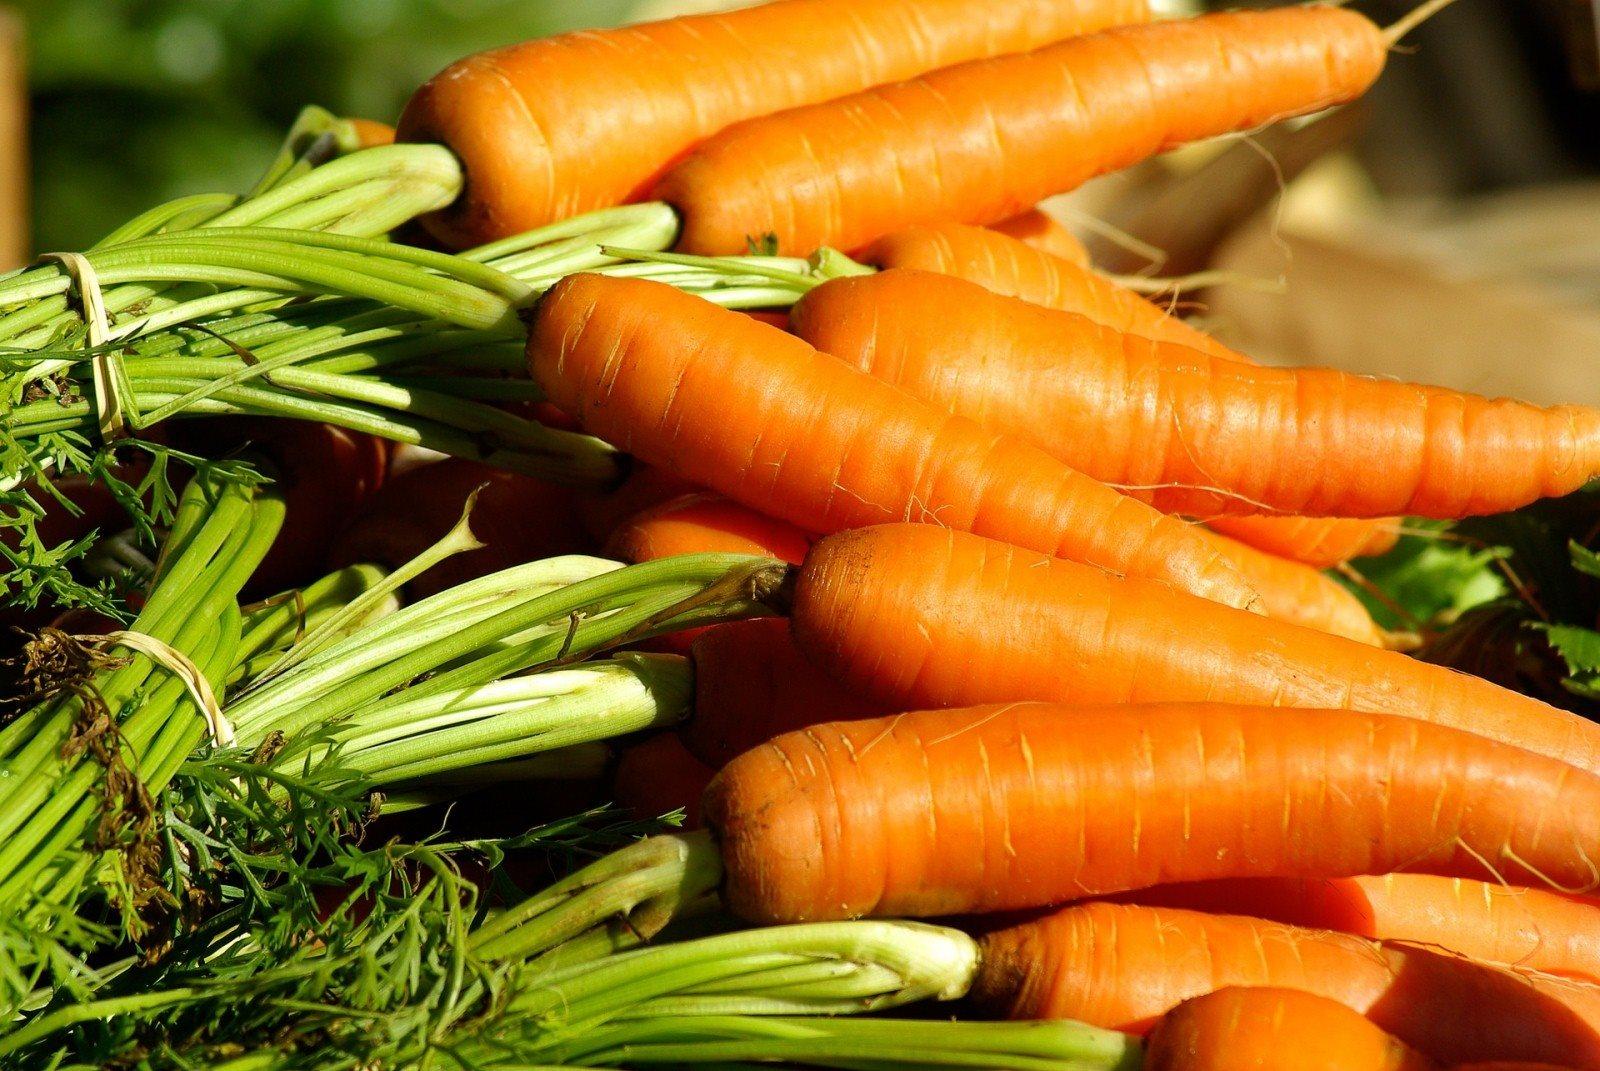 Ngăn ngừa da lão hóa sớm với các trái cây, rau củ này - Ảnh 2